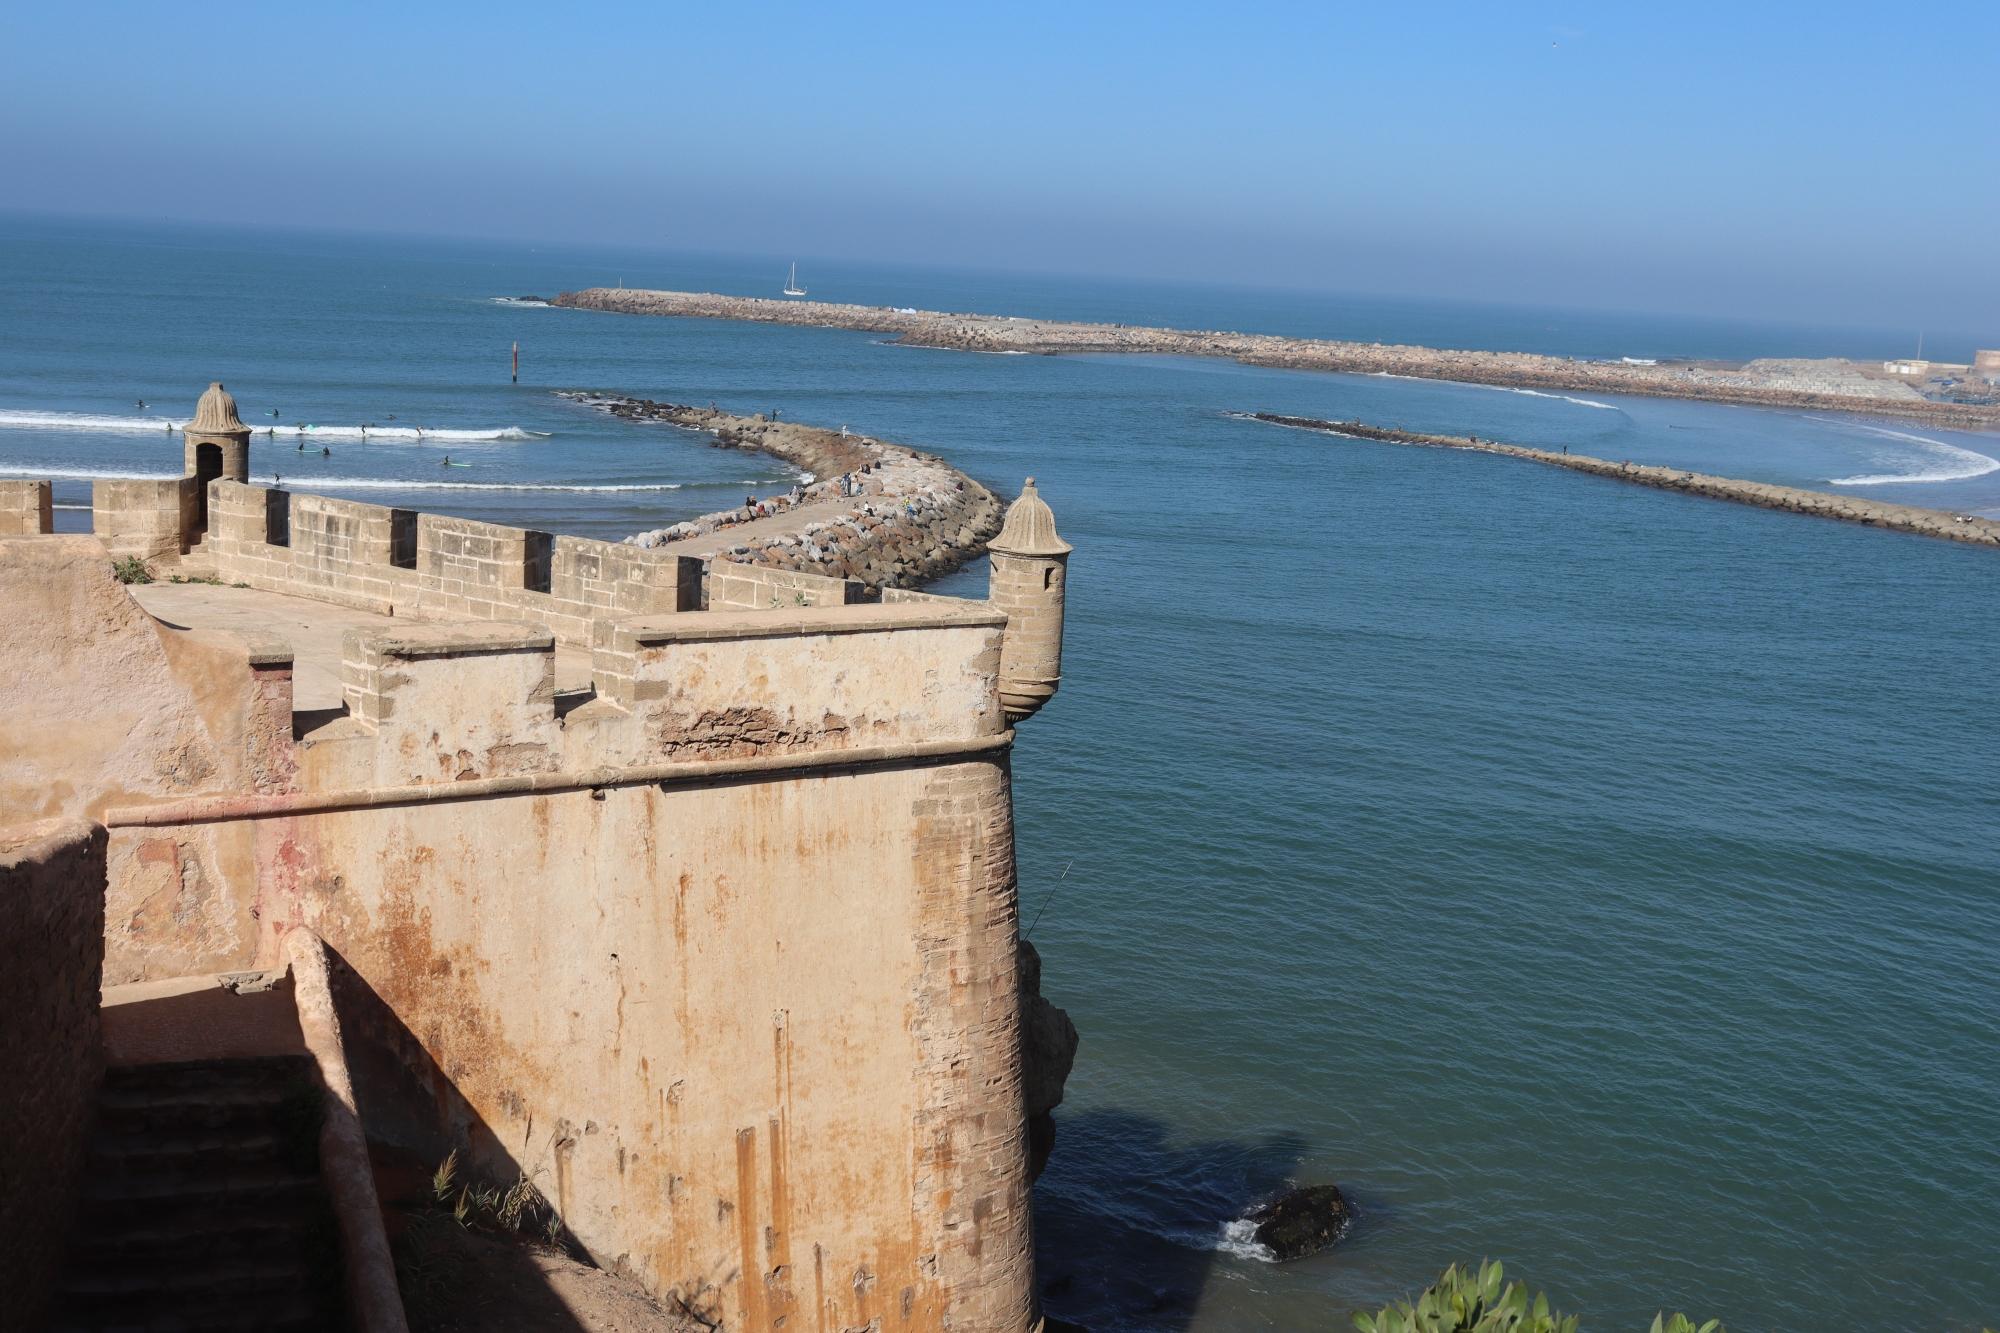 La vue sur l'Atlantique depuis les remparts de la Kasbah des Oudayas de Rabat